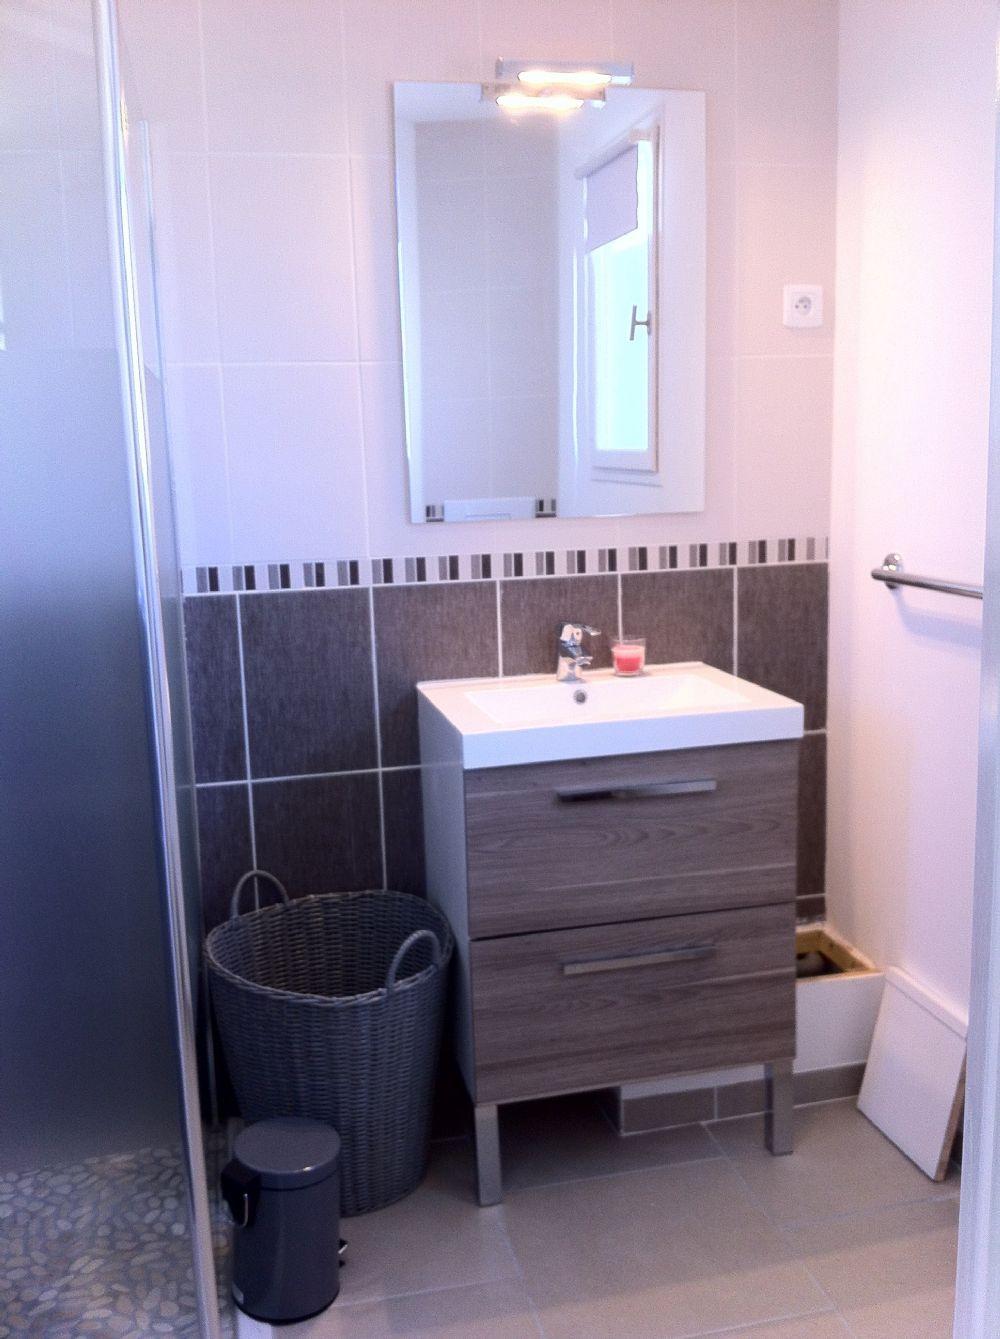 2nd shower room..